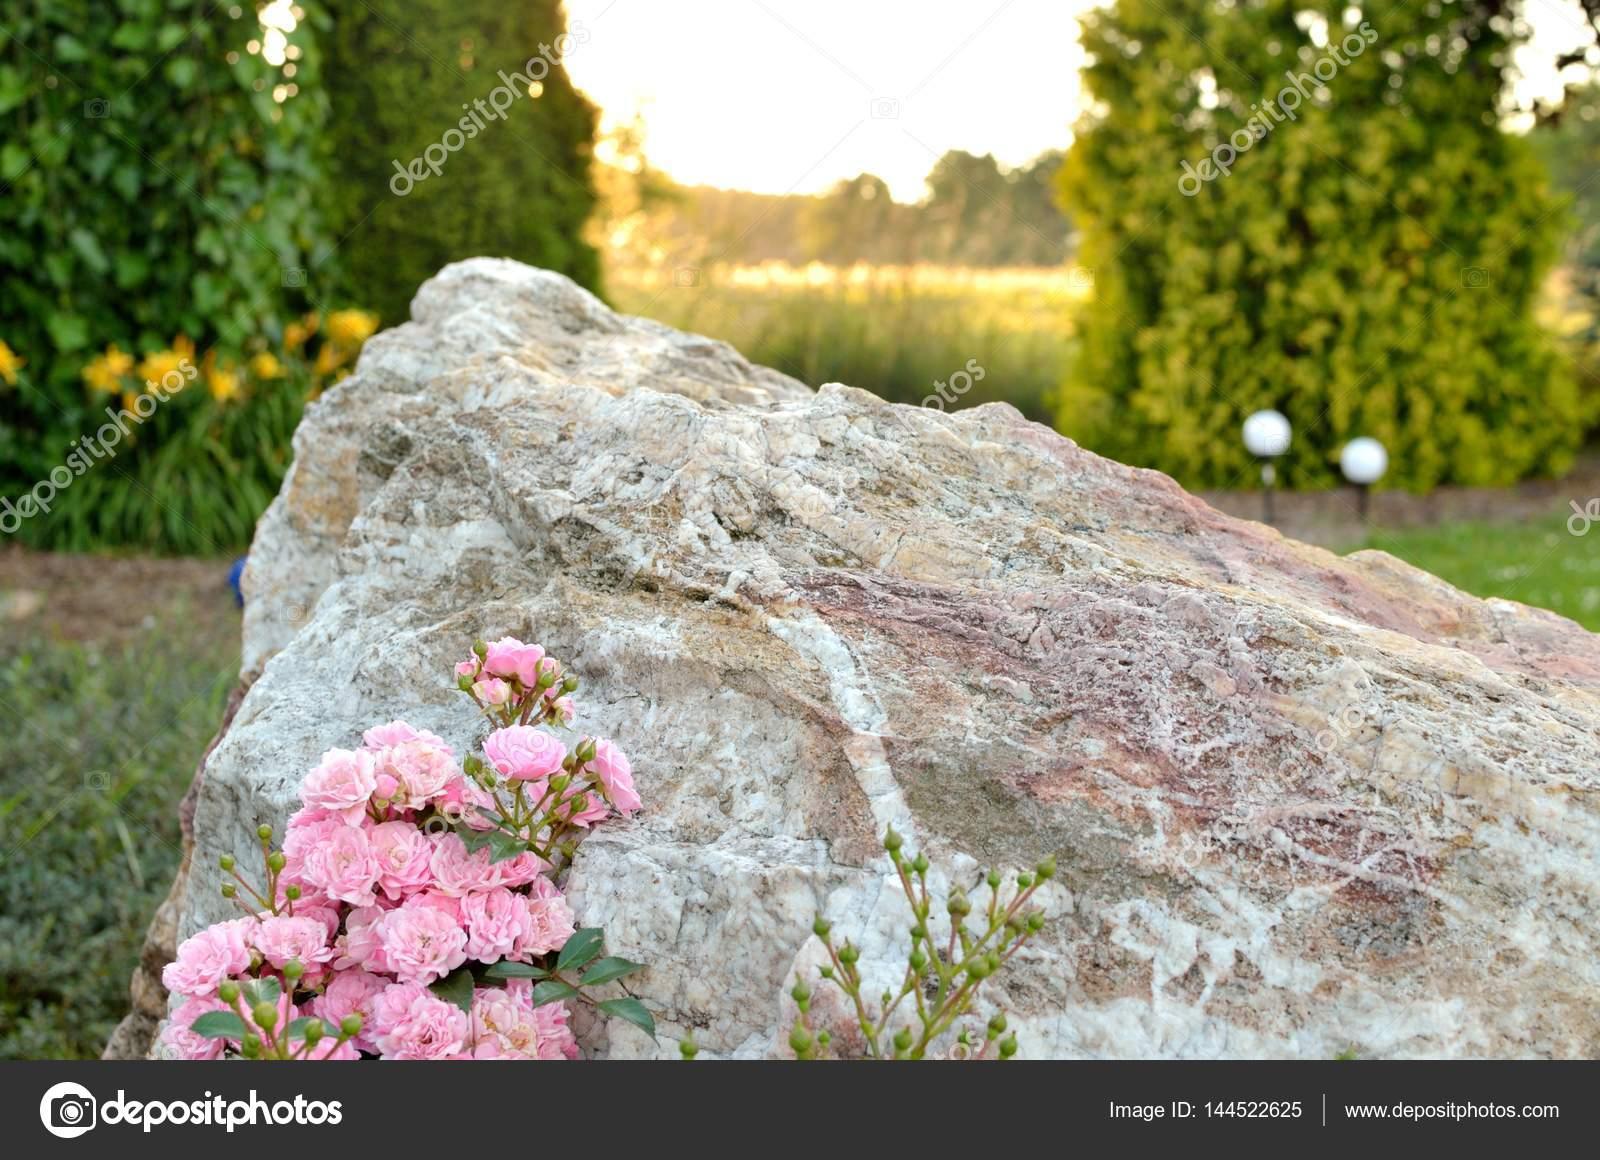 Grosse Pierre Et Rose Dans Le Jardin D'été Au Coucher Du ... intérieur Grosse Pierre Decoration Jardin